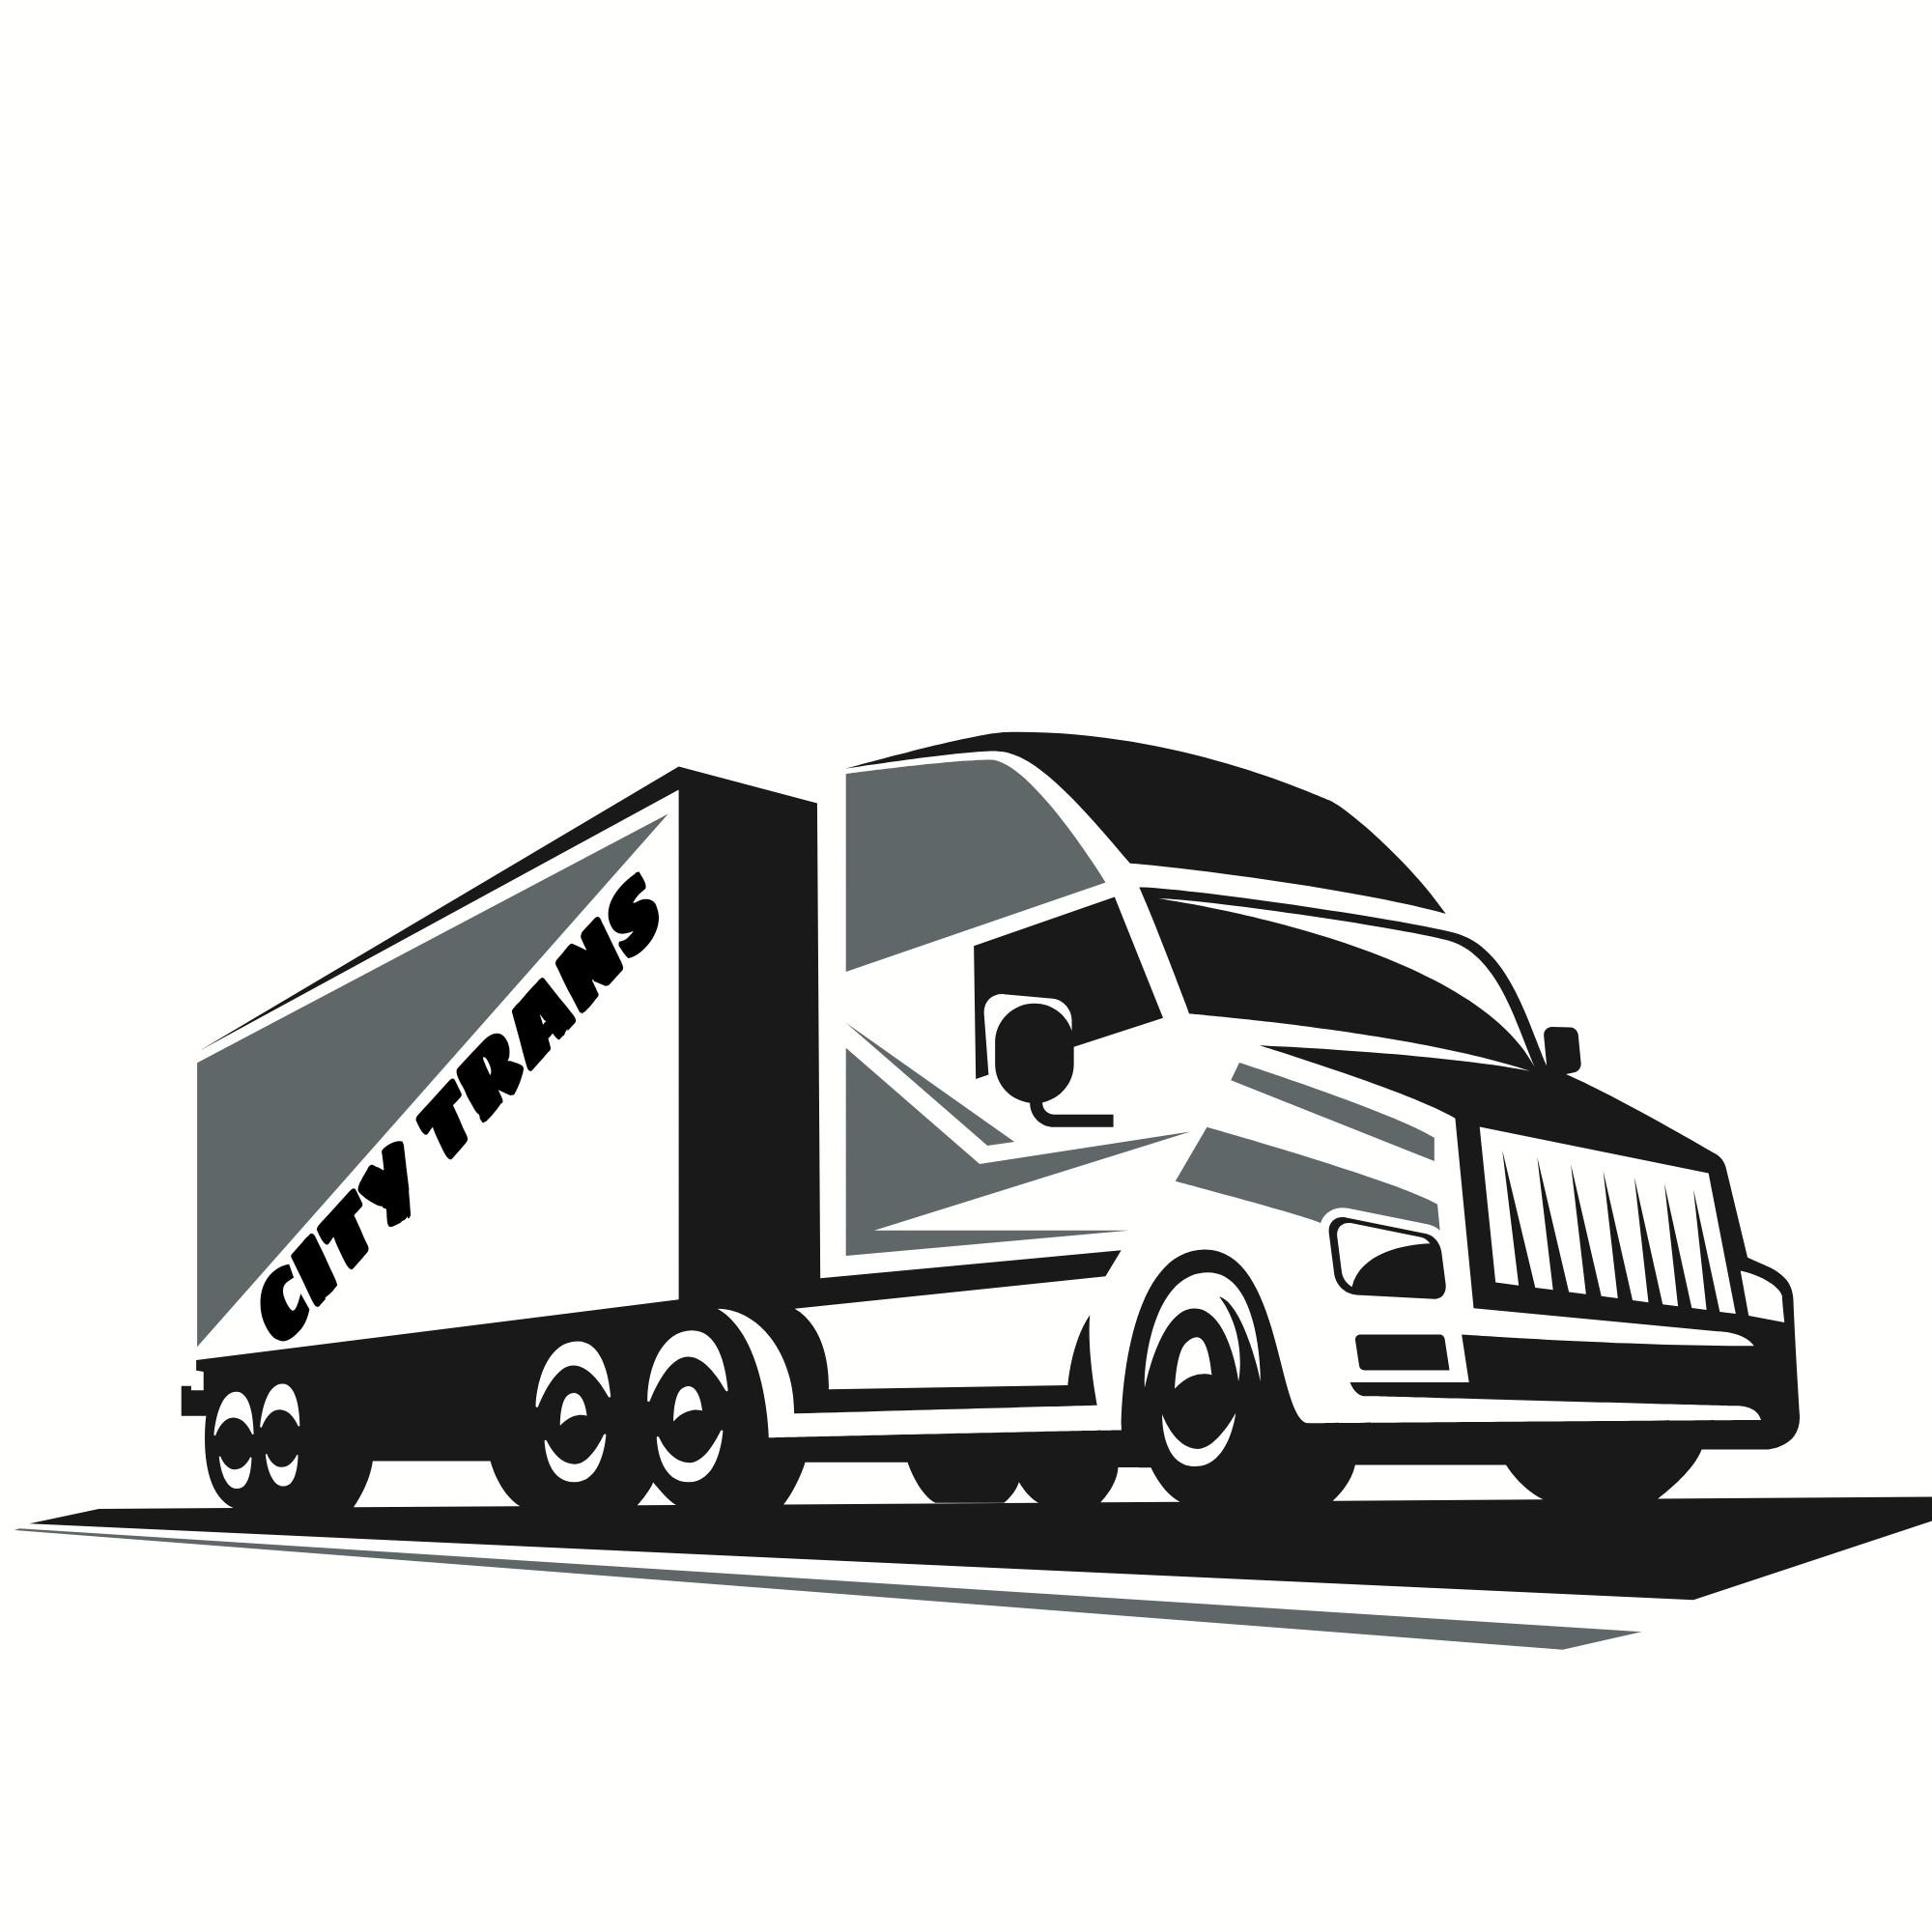 Разработка Логотипа транспортной компании фото f_7425e6ceaf1678c0.jpg